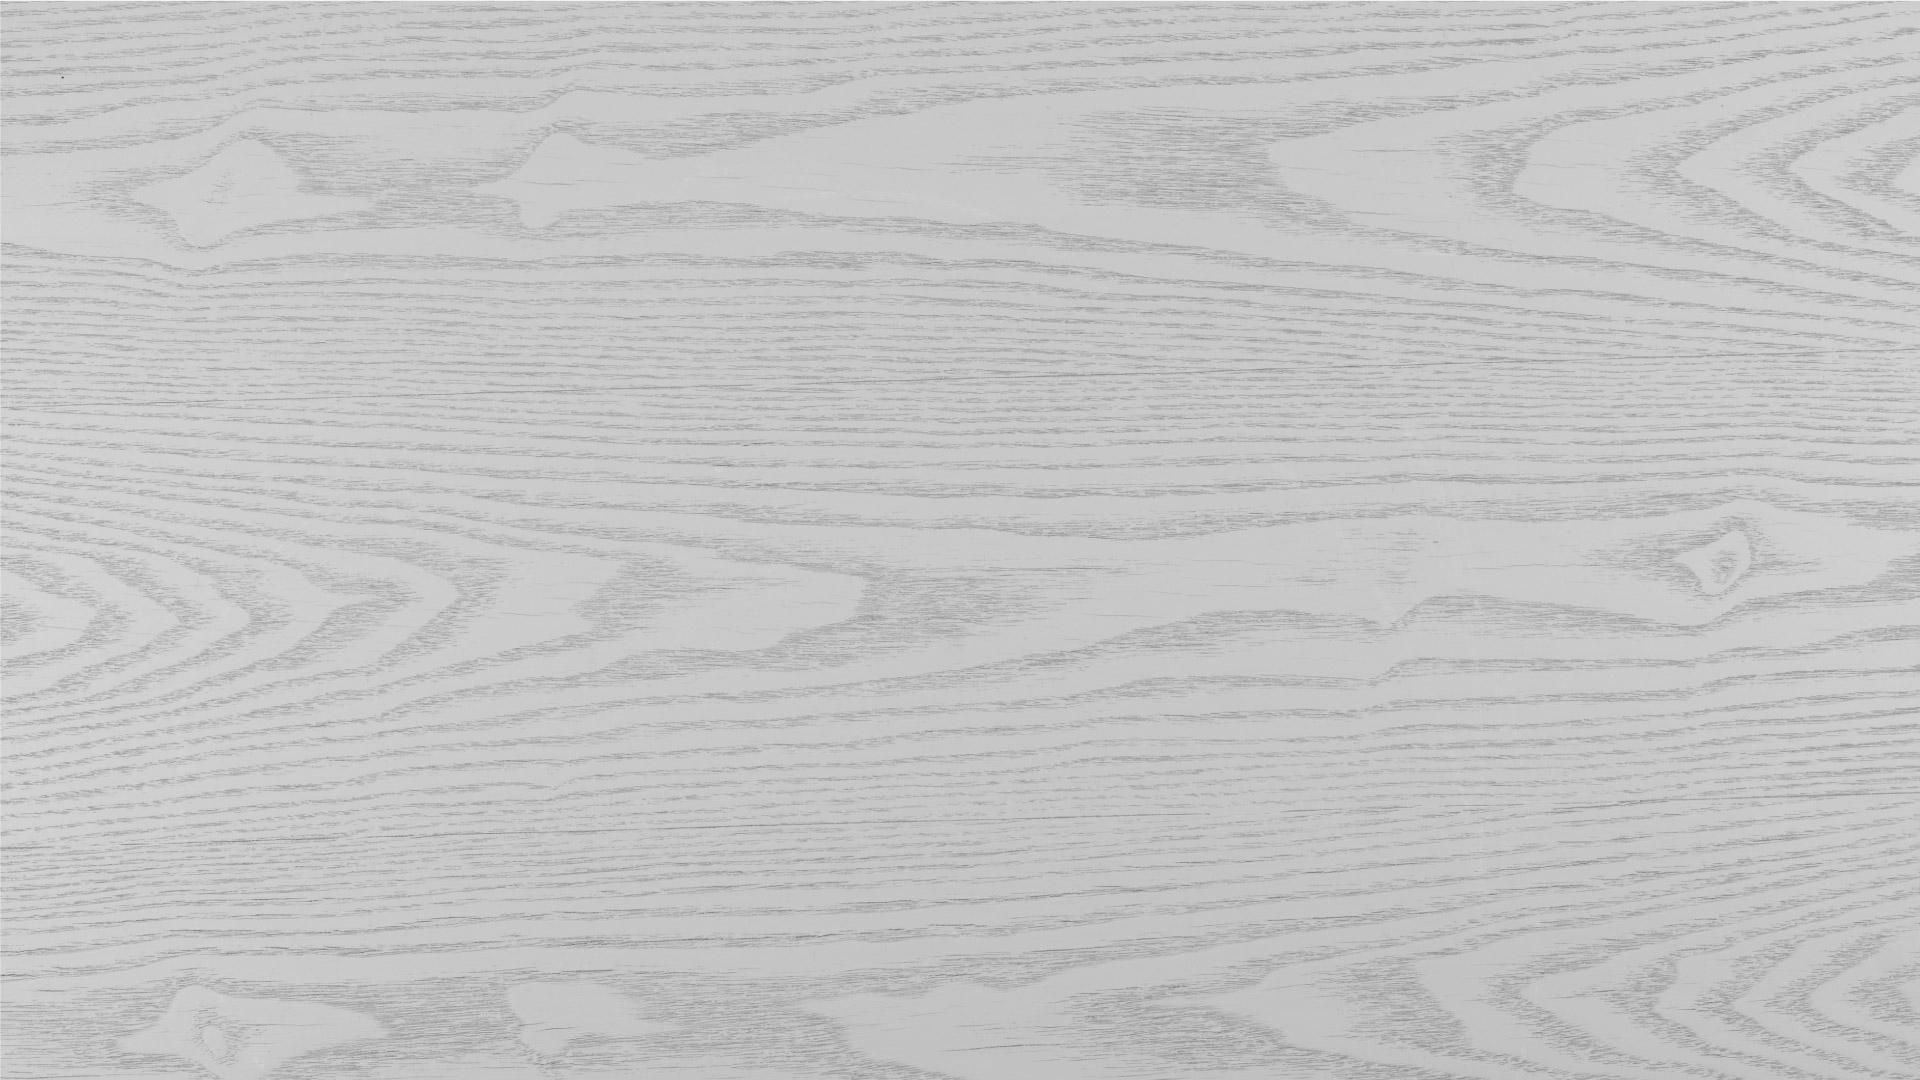 水曲柳弦切板面,配以半开放全哑光漆面效果,拥有不可复制的天然肌理,年轮线呈现不规则的大山纹,纹路虚实相间,融会现代色彩与自然材质,流露内敛质朴之美,触摸到光阴的痕迹。